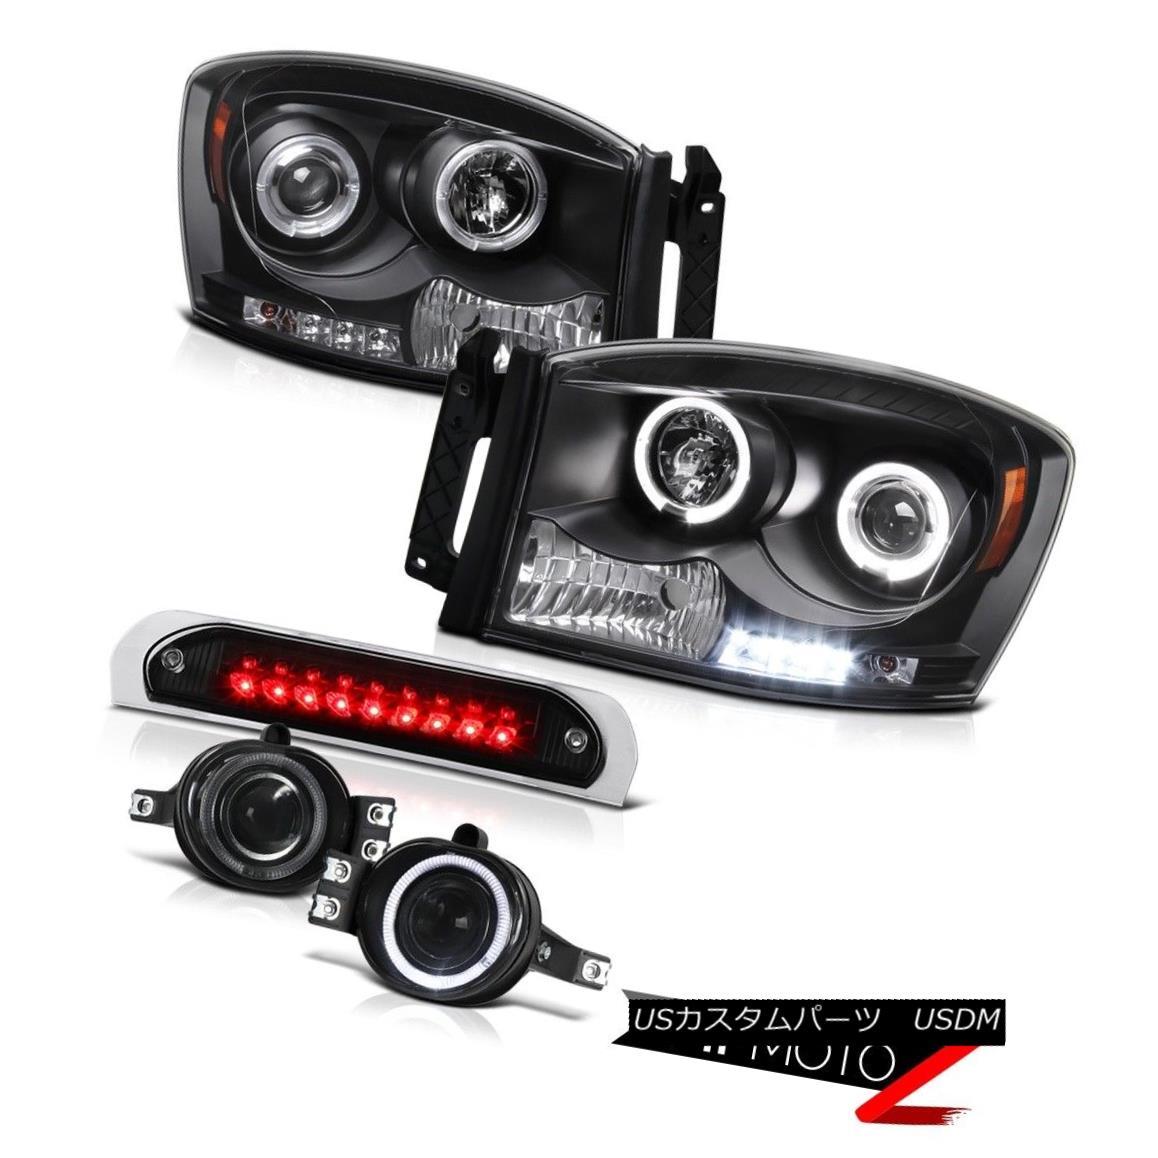 テールライト Black Halo LED Headlights Projector Foglamps Cargo Cab Lamp 07 08 Dodge Ram 3500 ブラックハローLEDヘッドライトプロジェクターフォグランプ貨物室ランプ07 08 Dodge Ram 3500